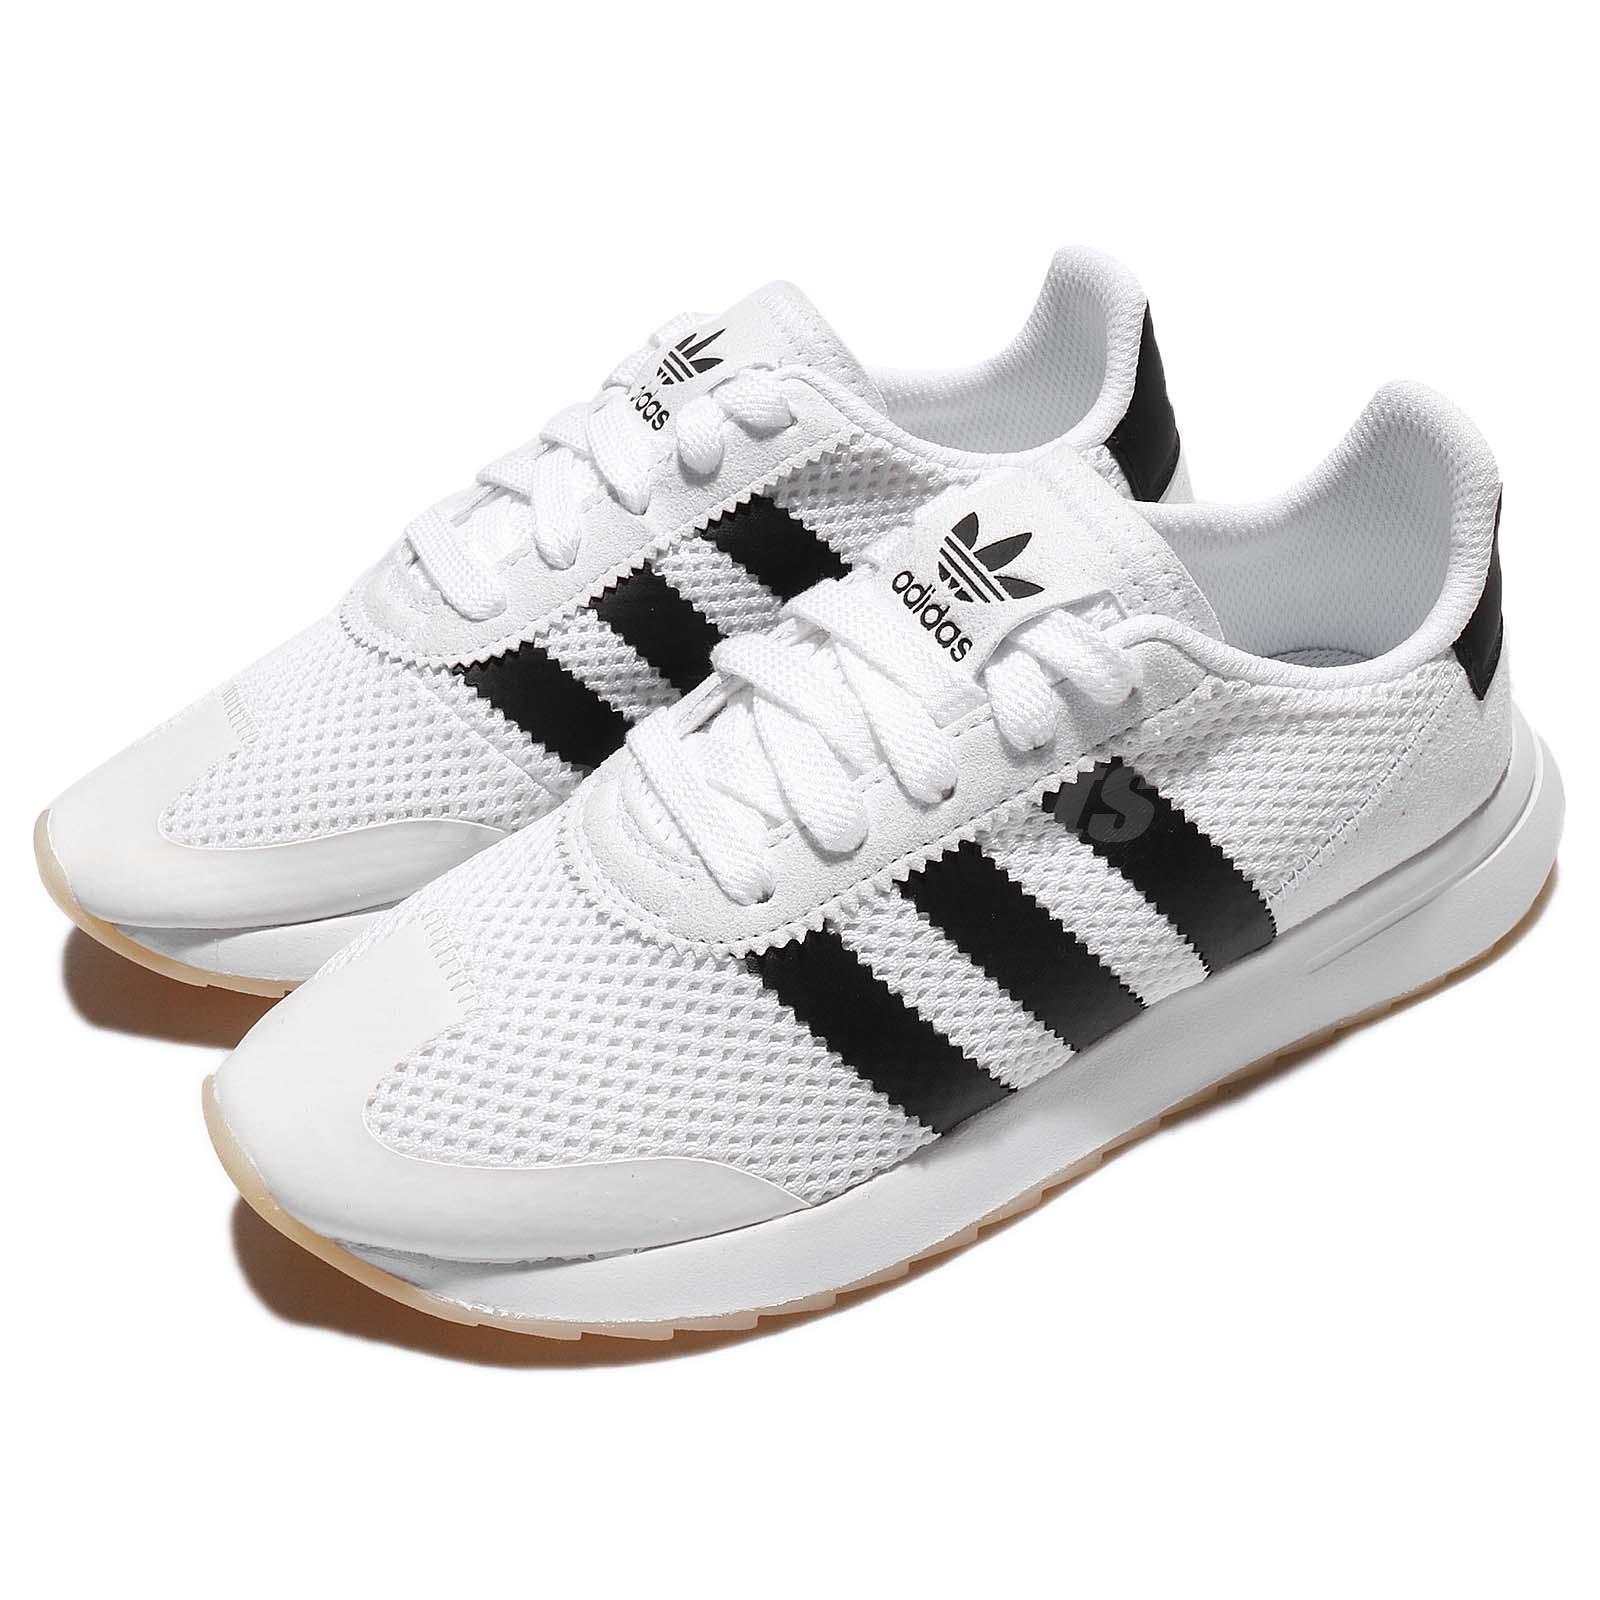 Mejores zapatos Adidas Flashback W Blanco y negro de la base